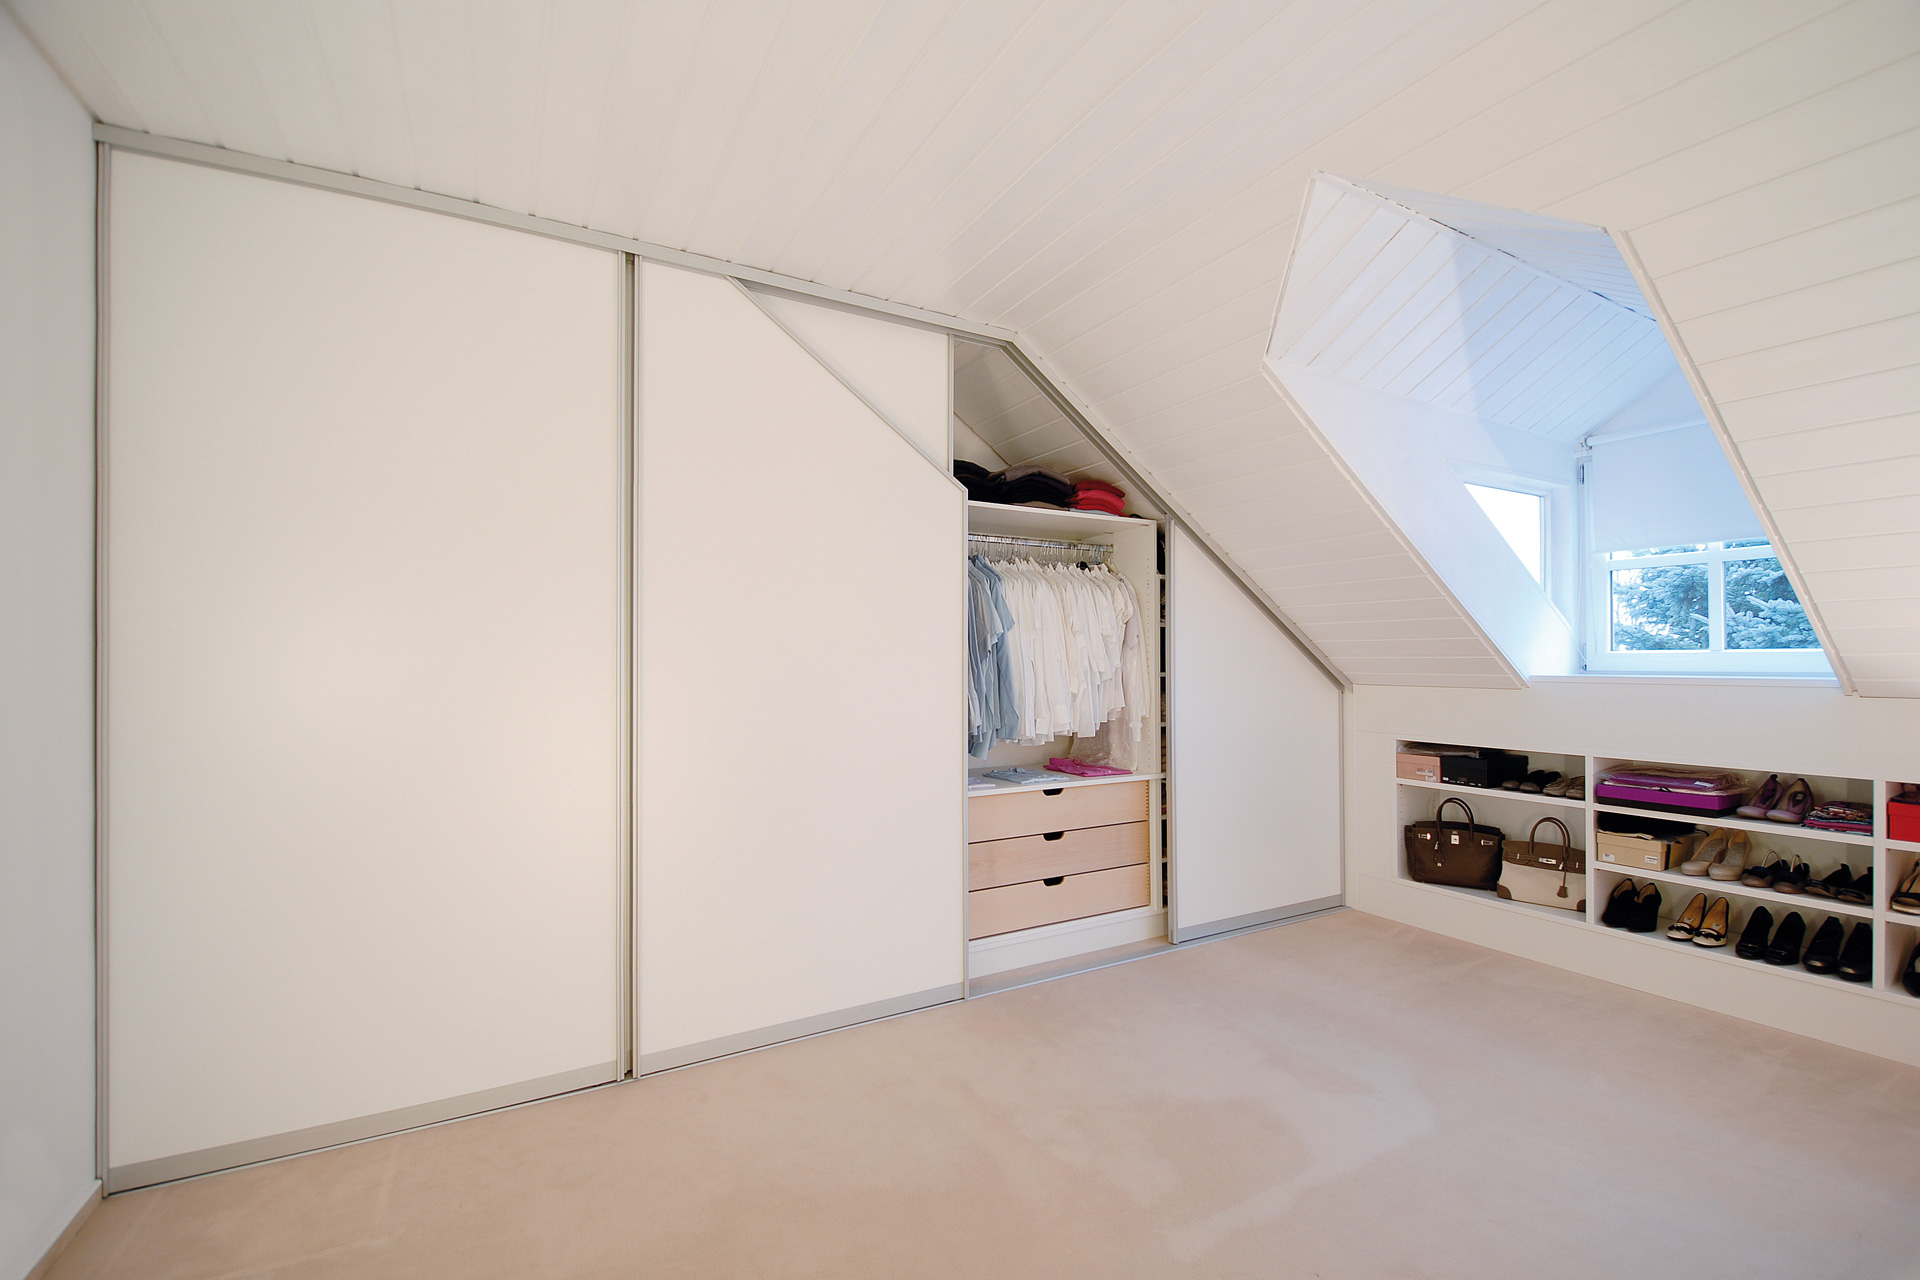 Einbauschrank in Dachschräge